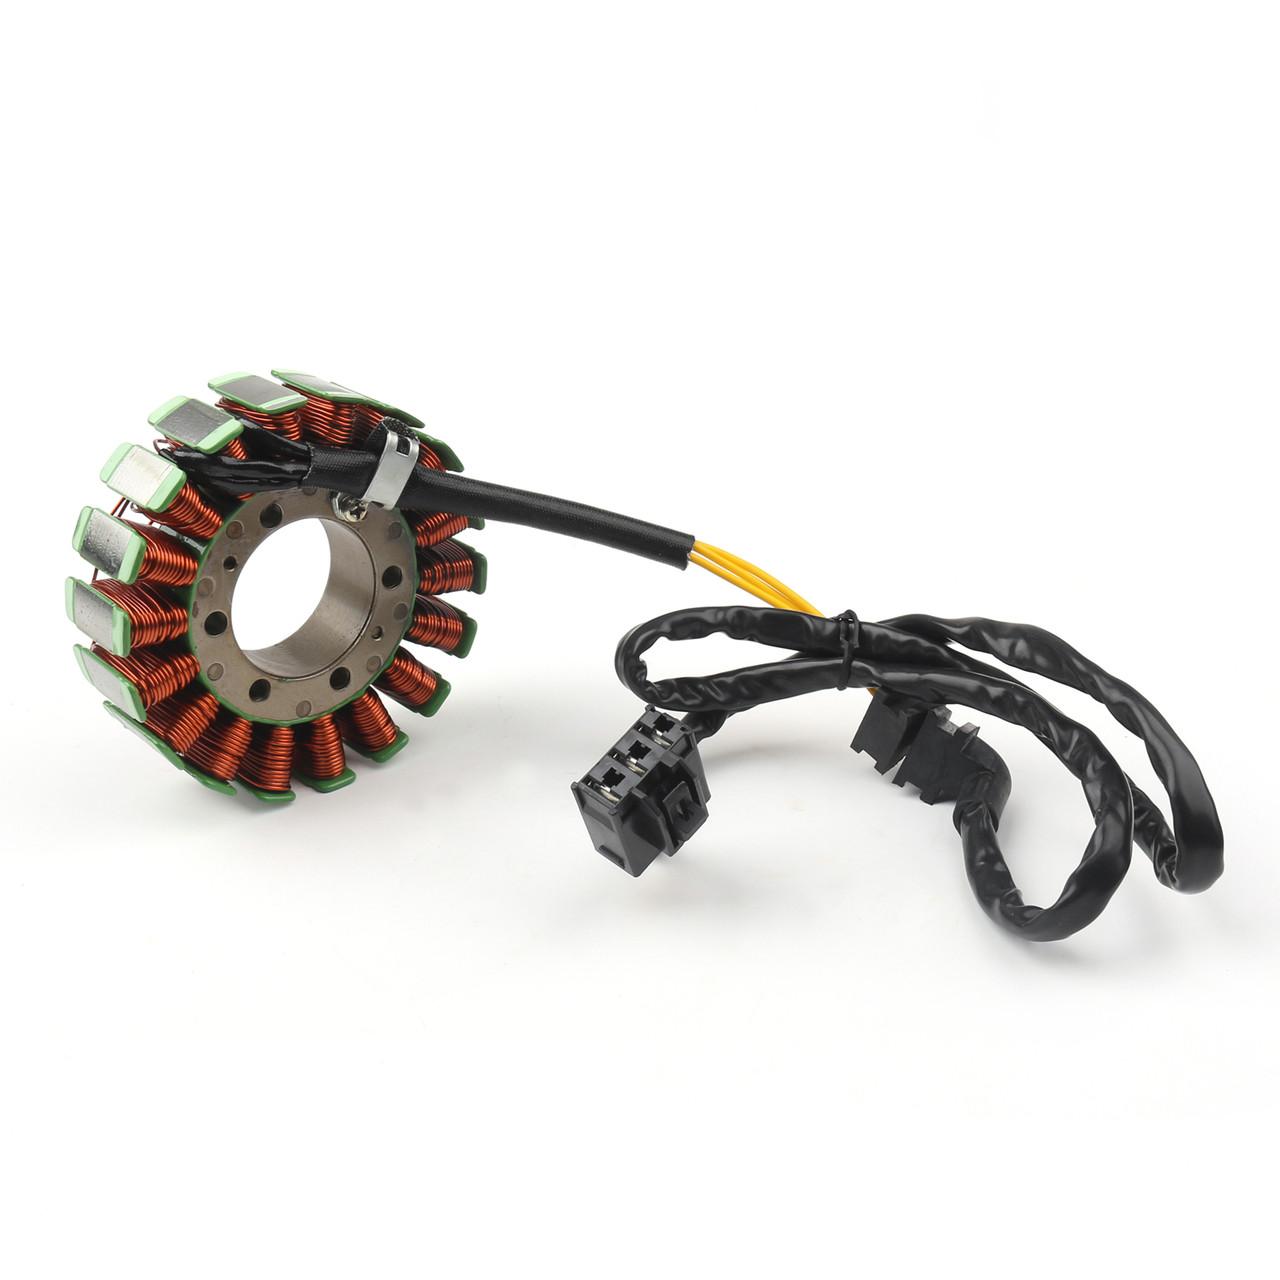 Magneto Generator Engine Stator Coil For Honda CBR1100XX (1999-2003)